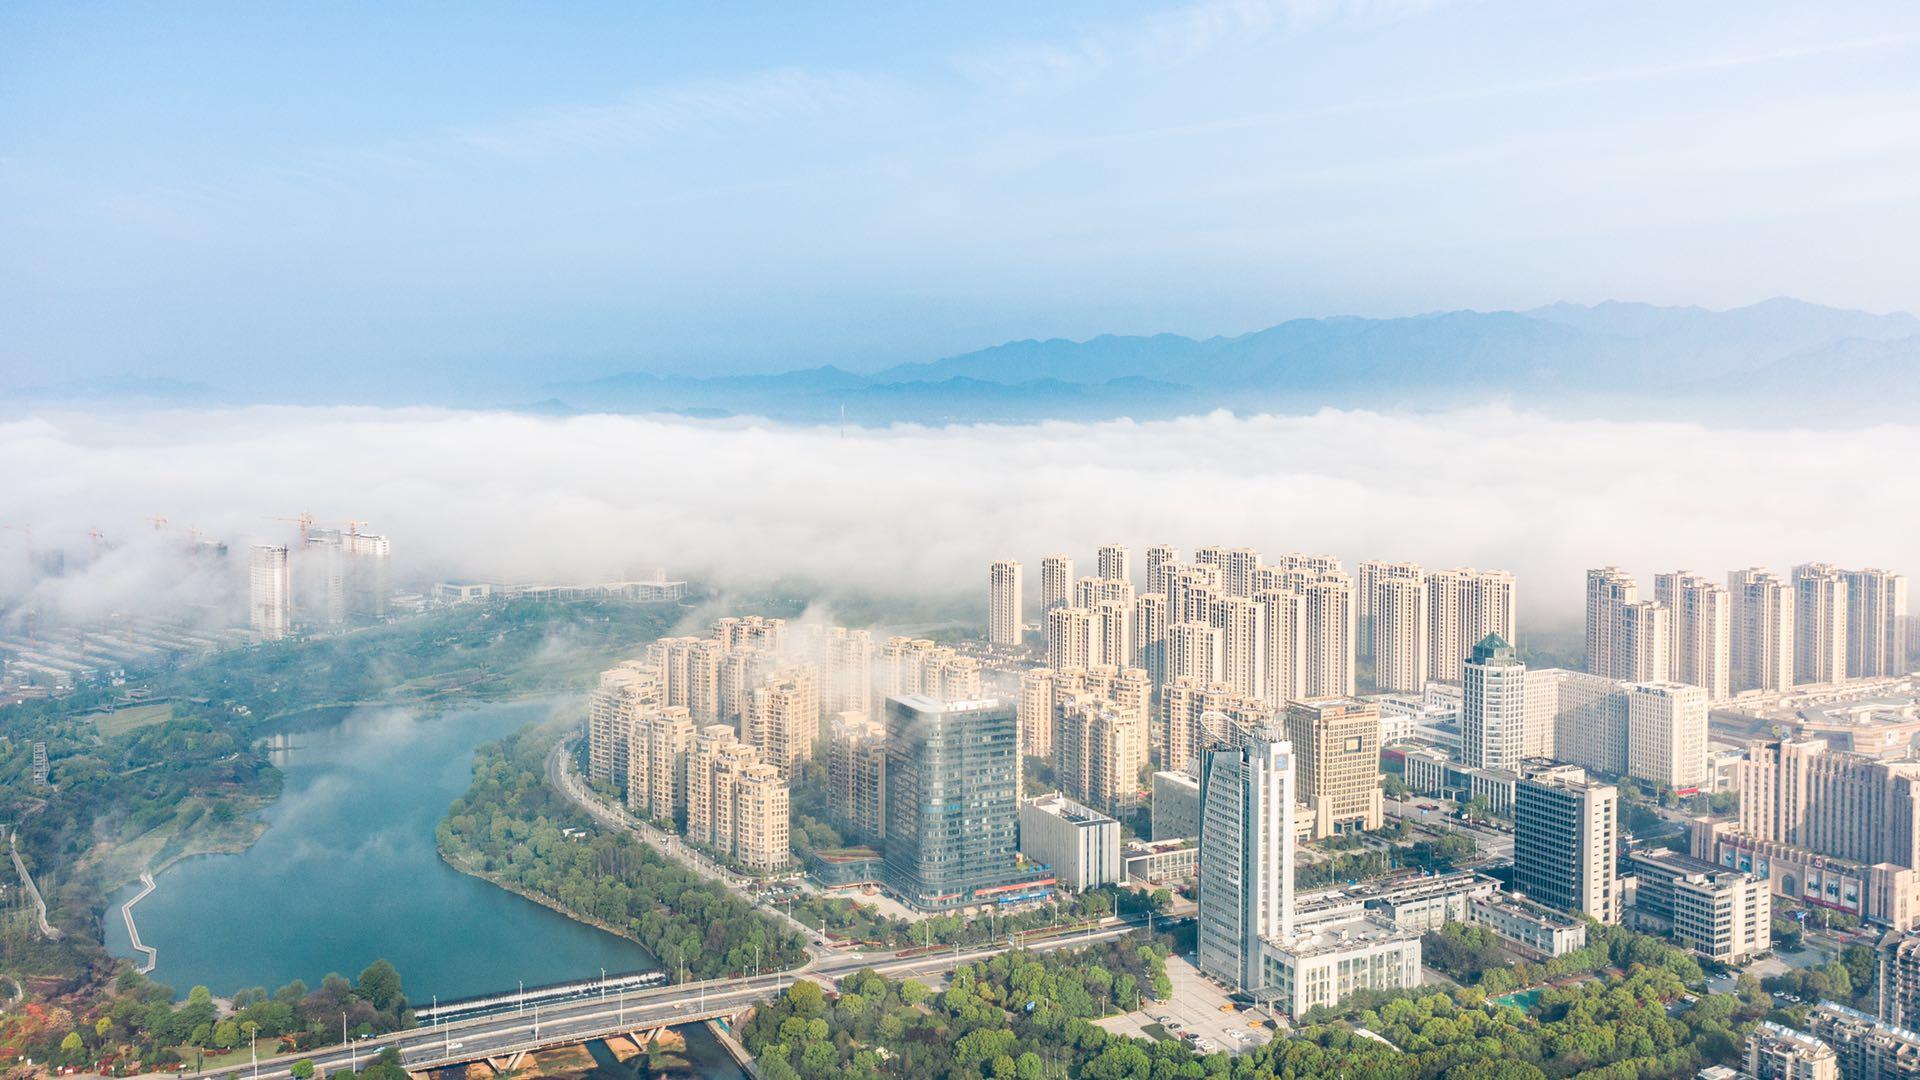 衢州 风景文字介绍